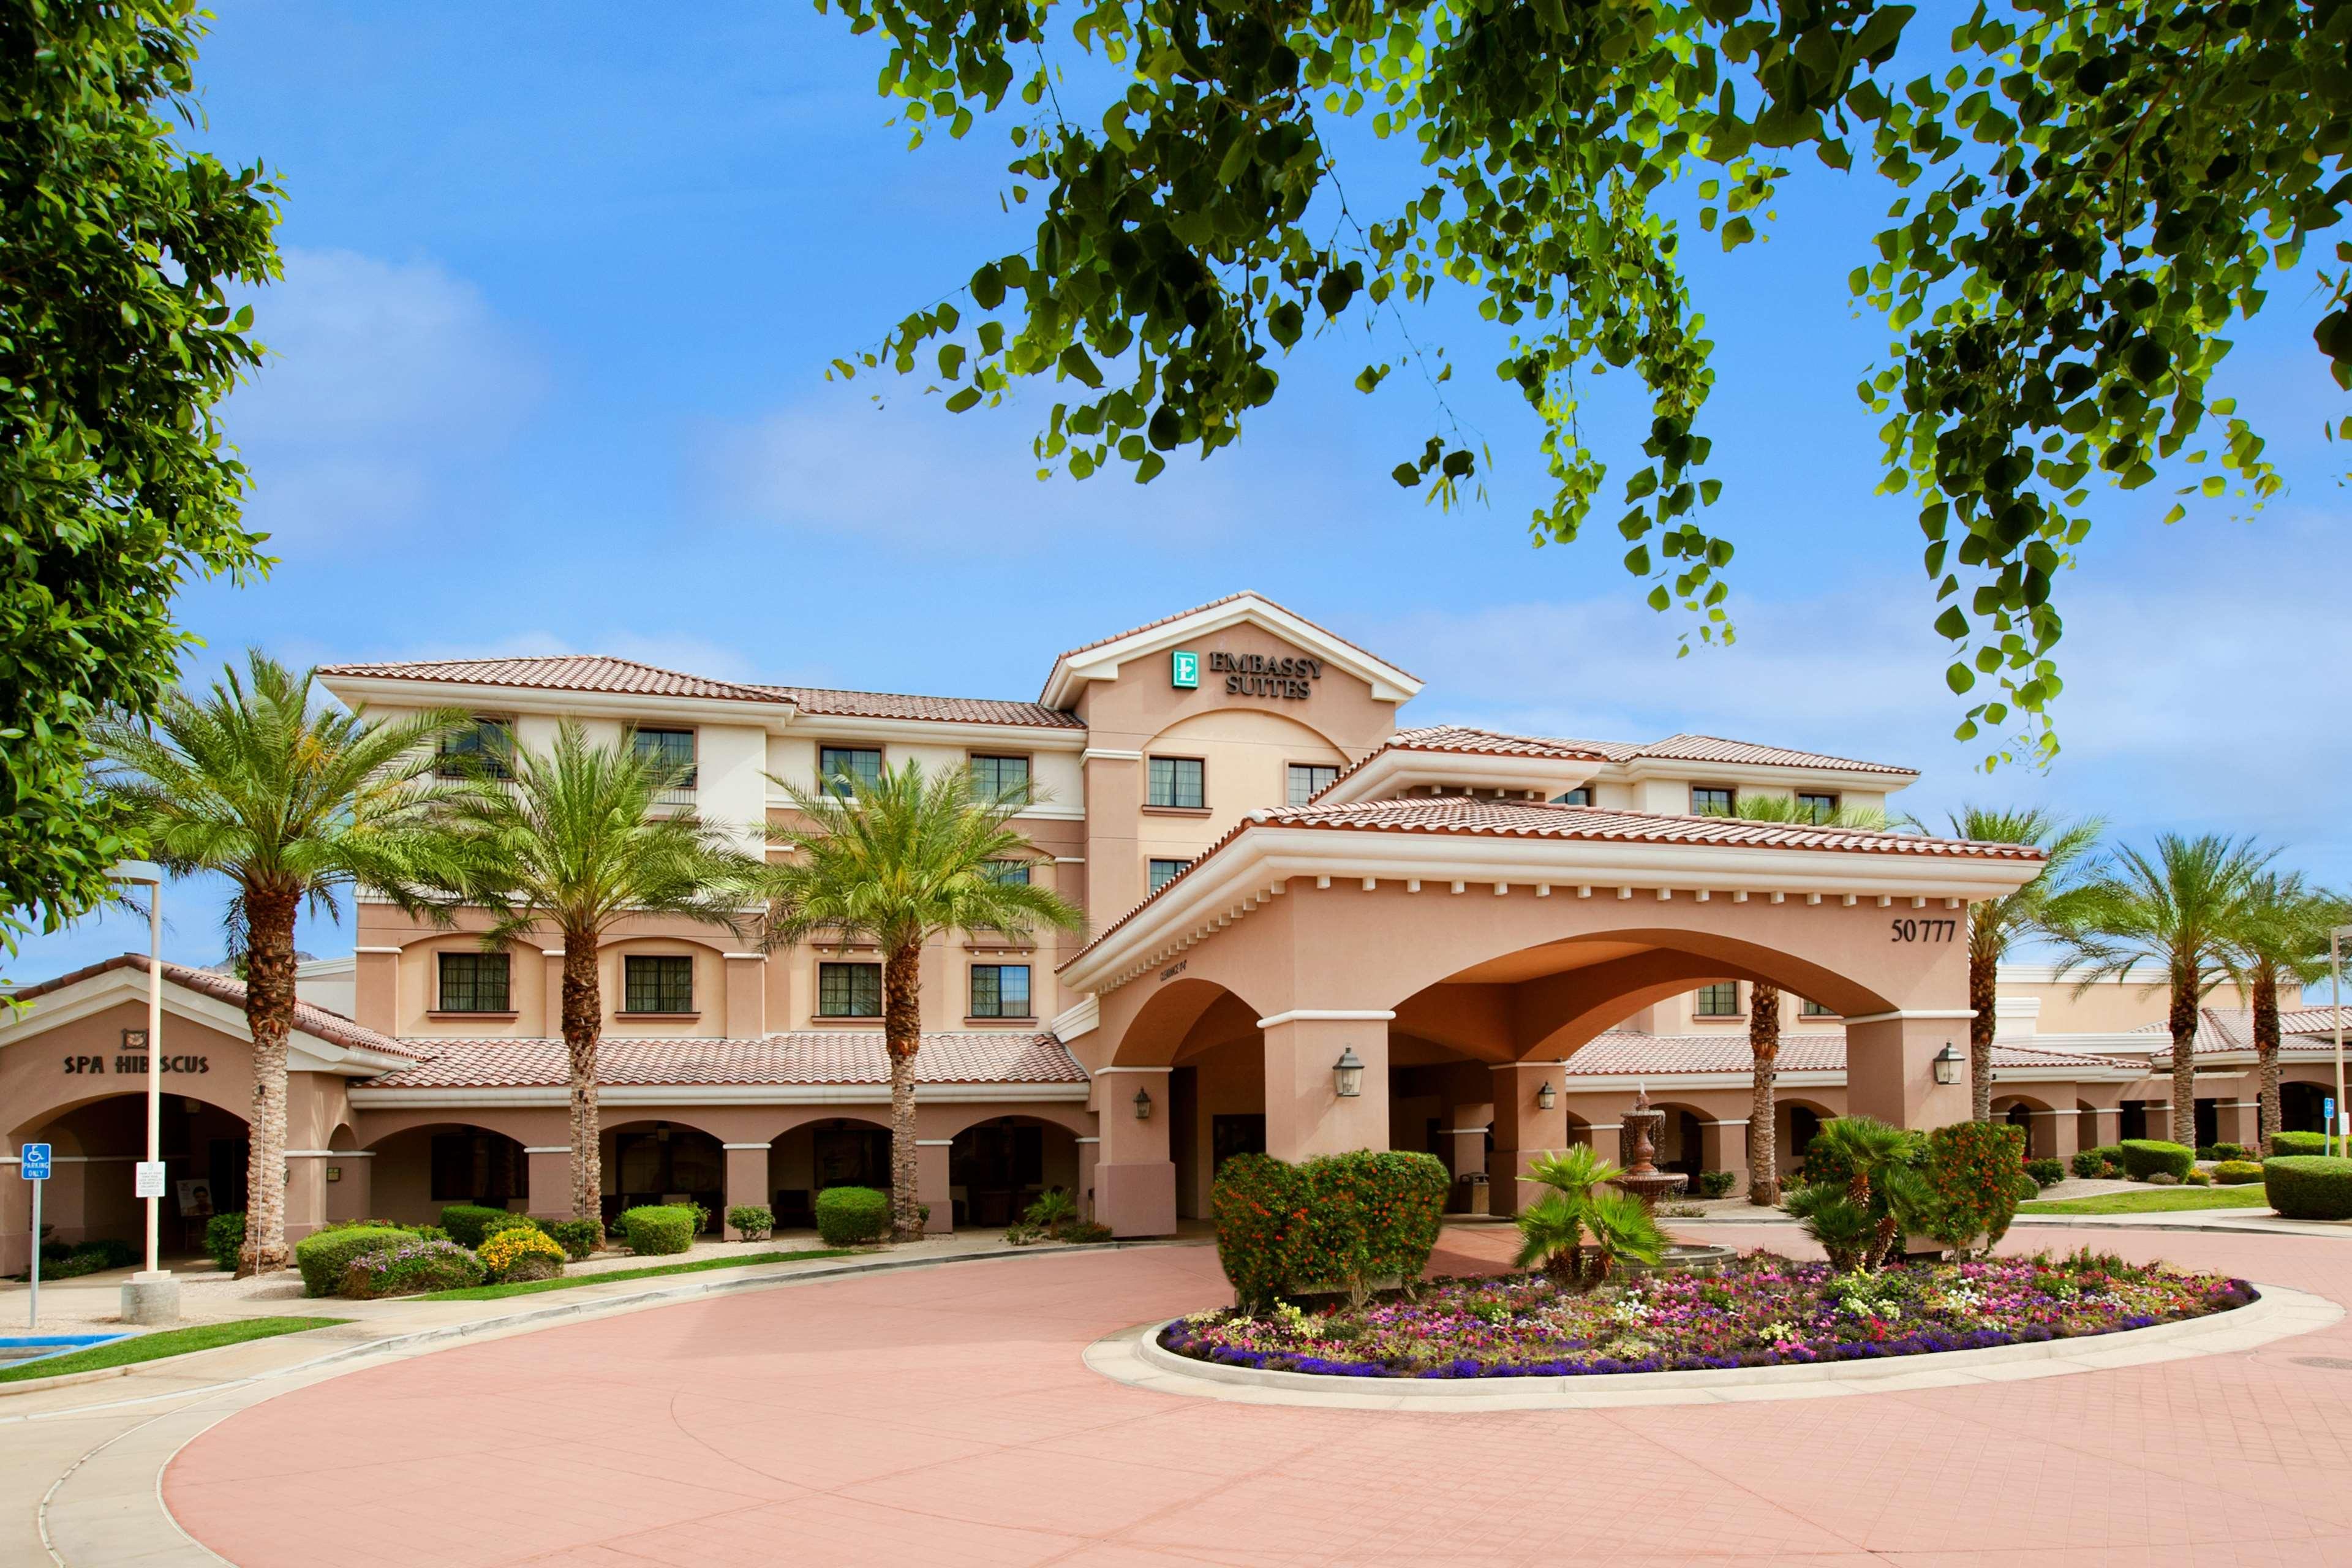 Embassy Suites by Hilton La Quinta Hotel & Spa image 1